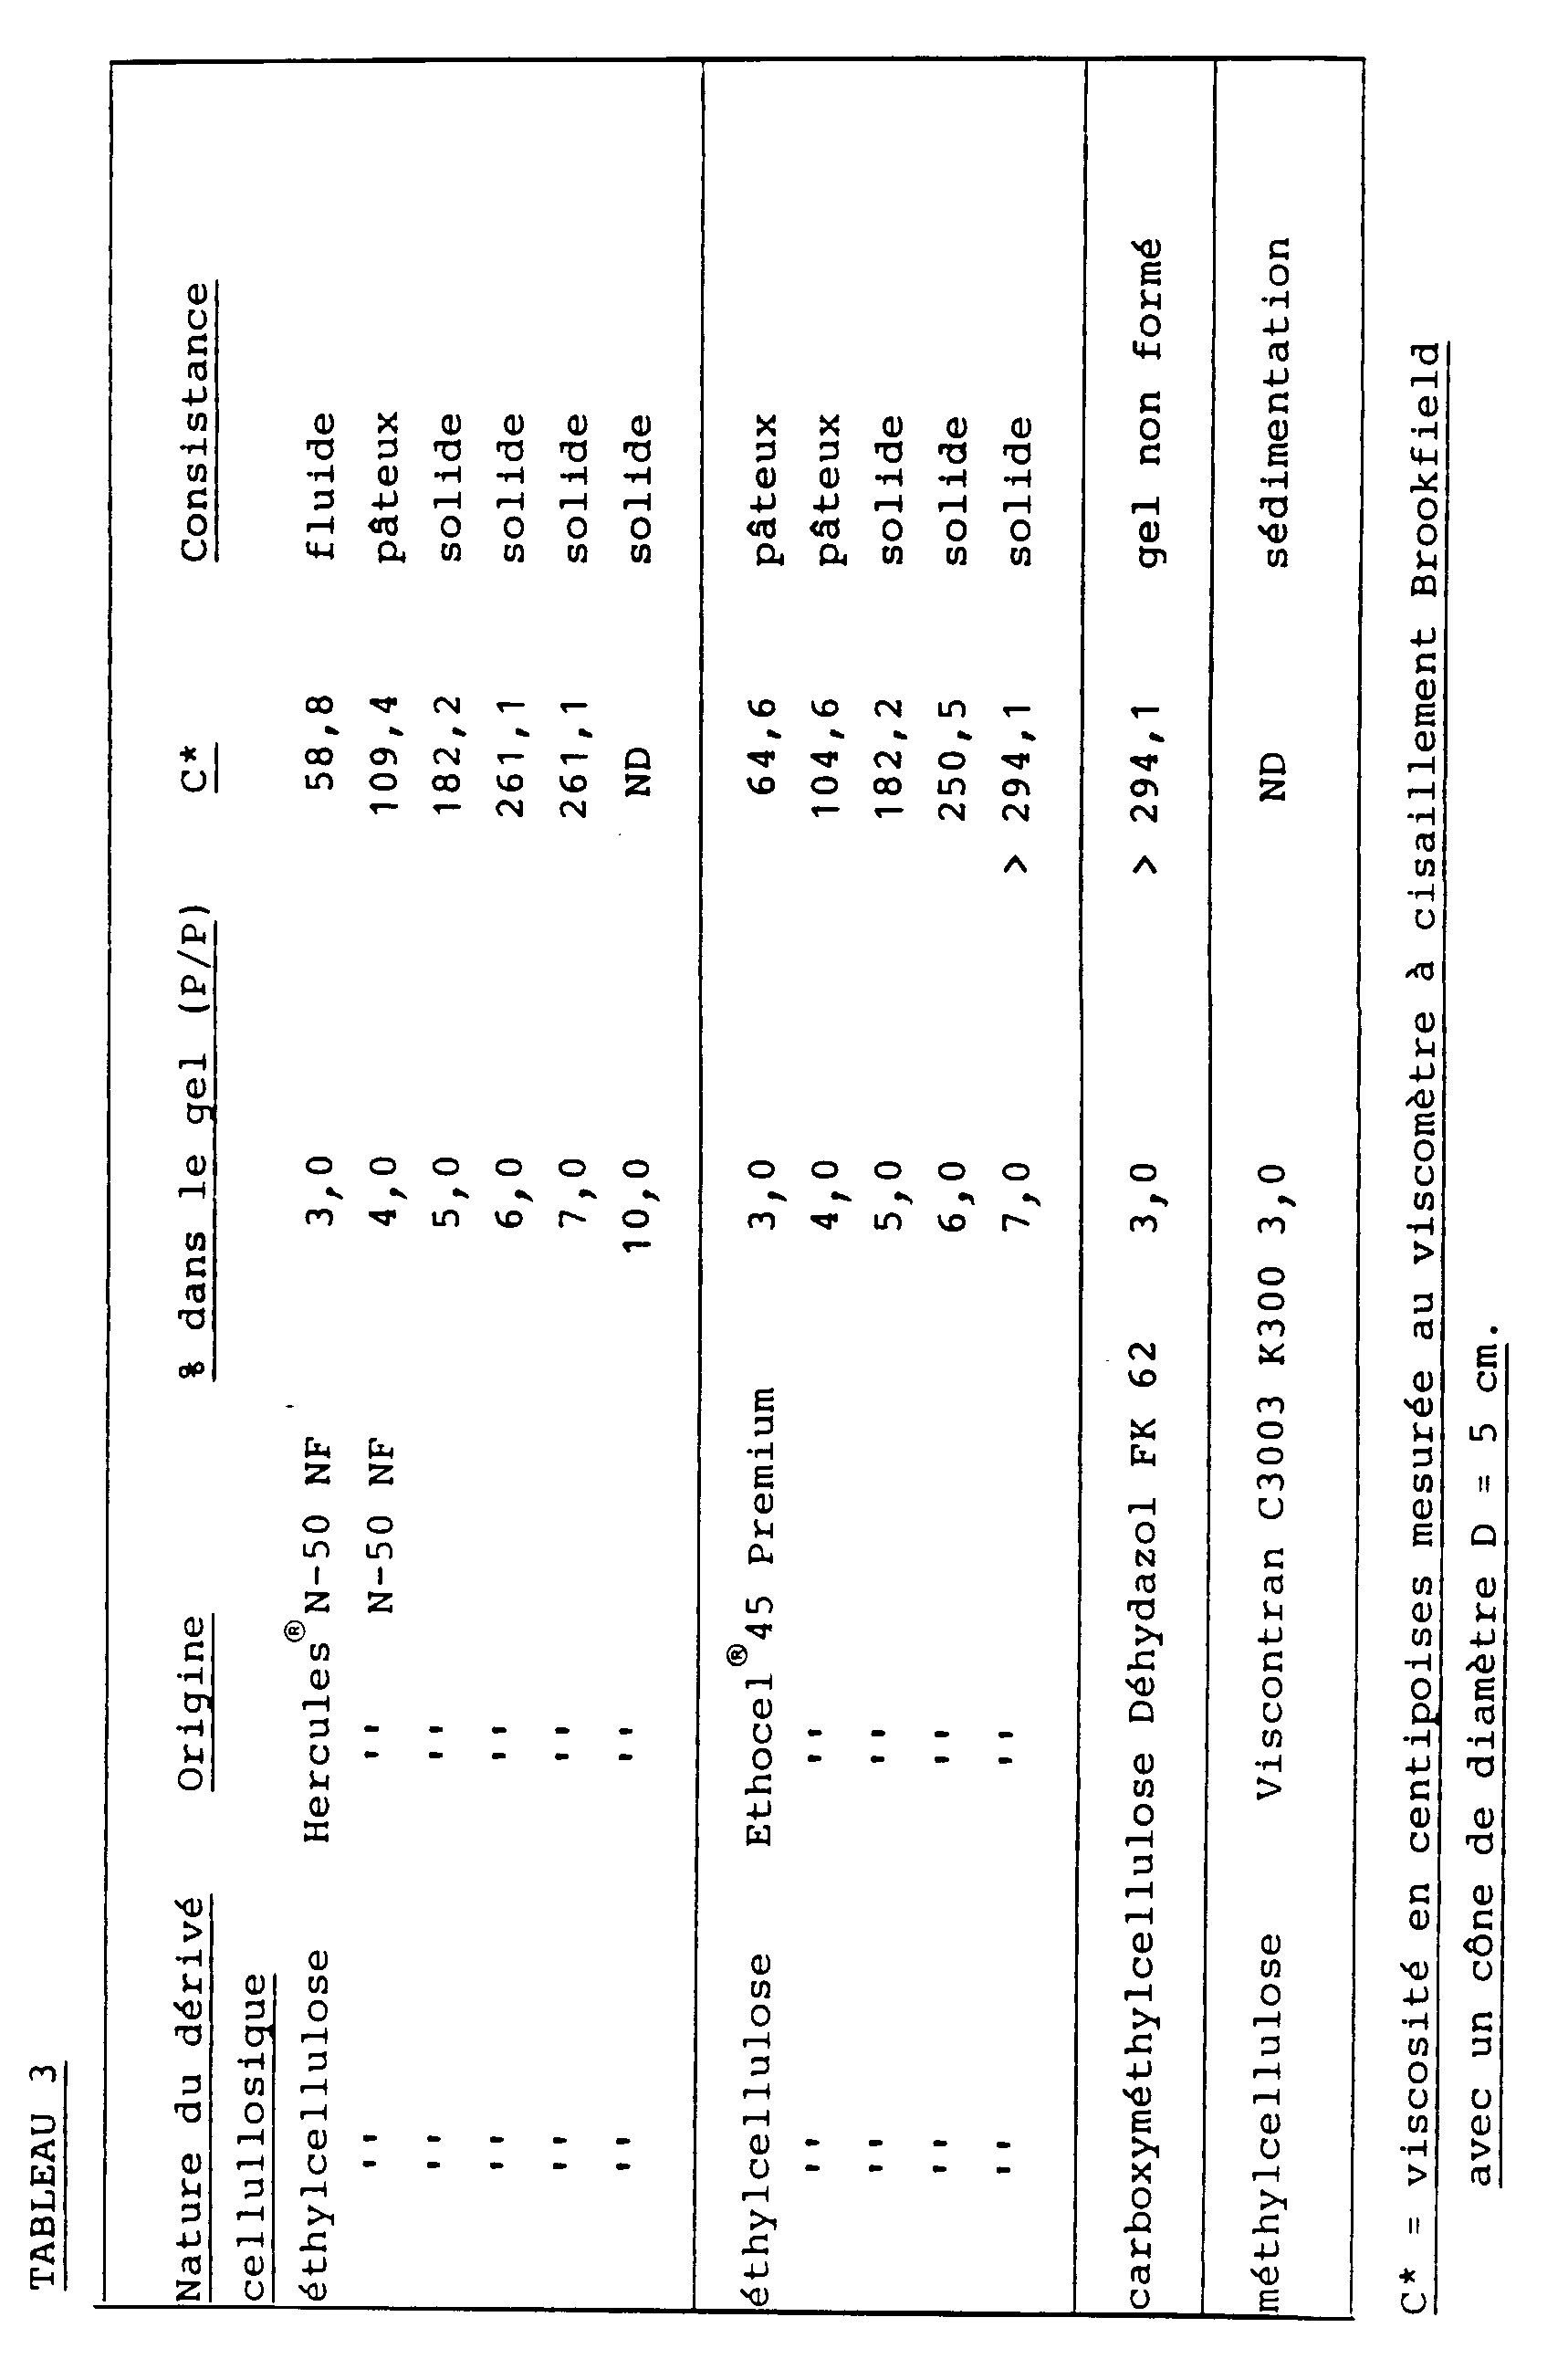 prednisolone 15mg